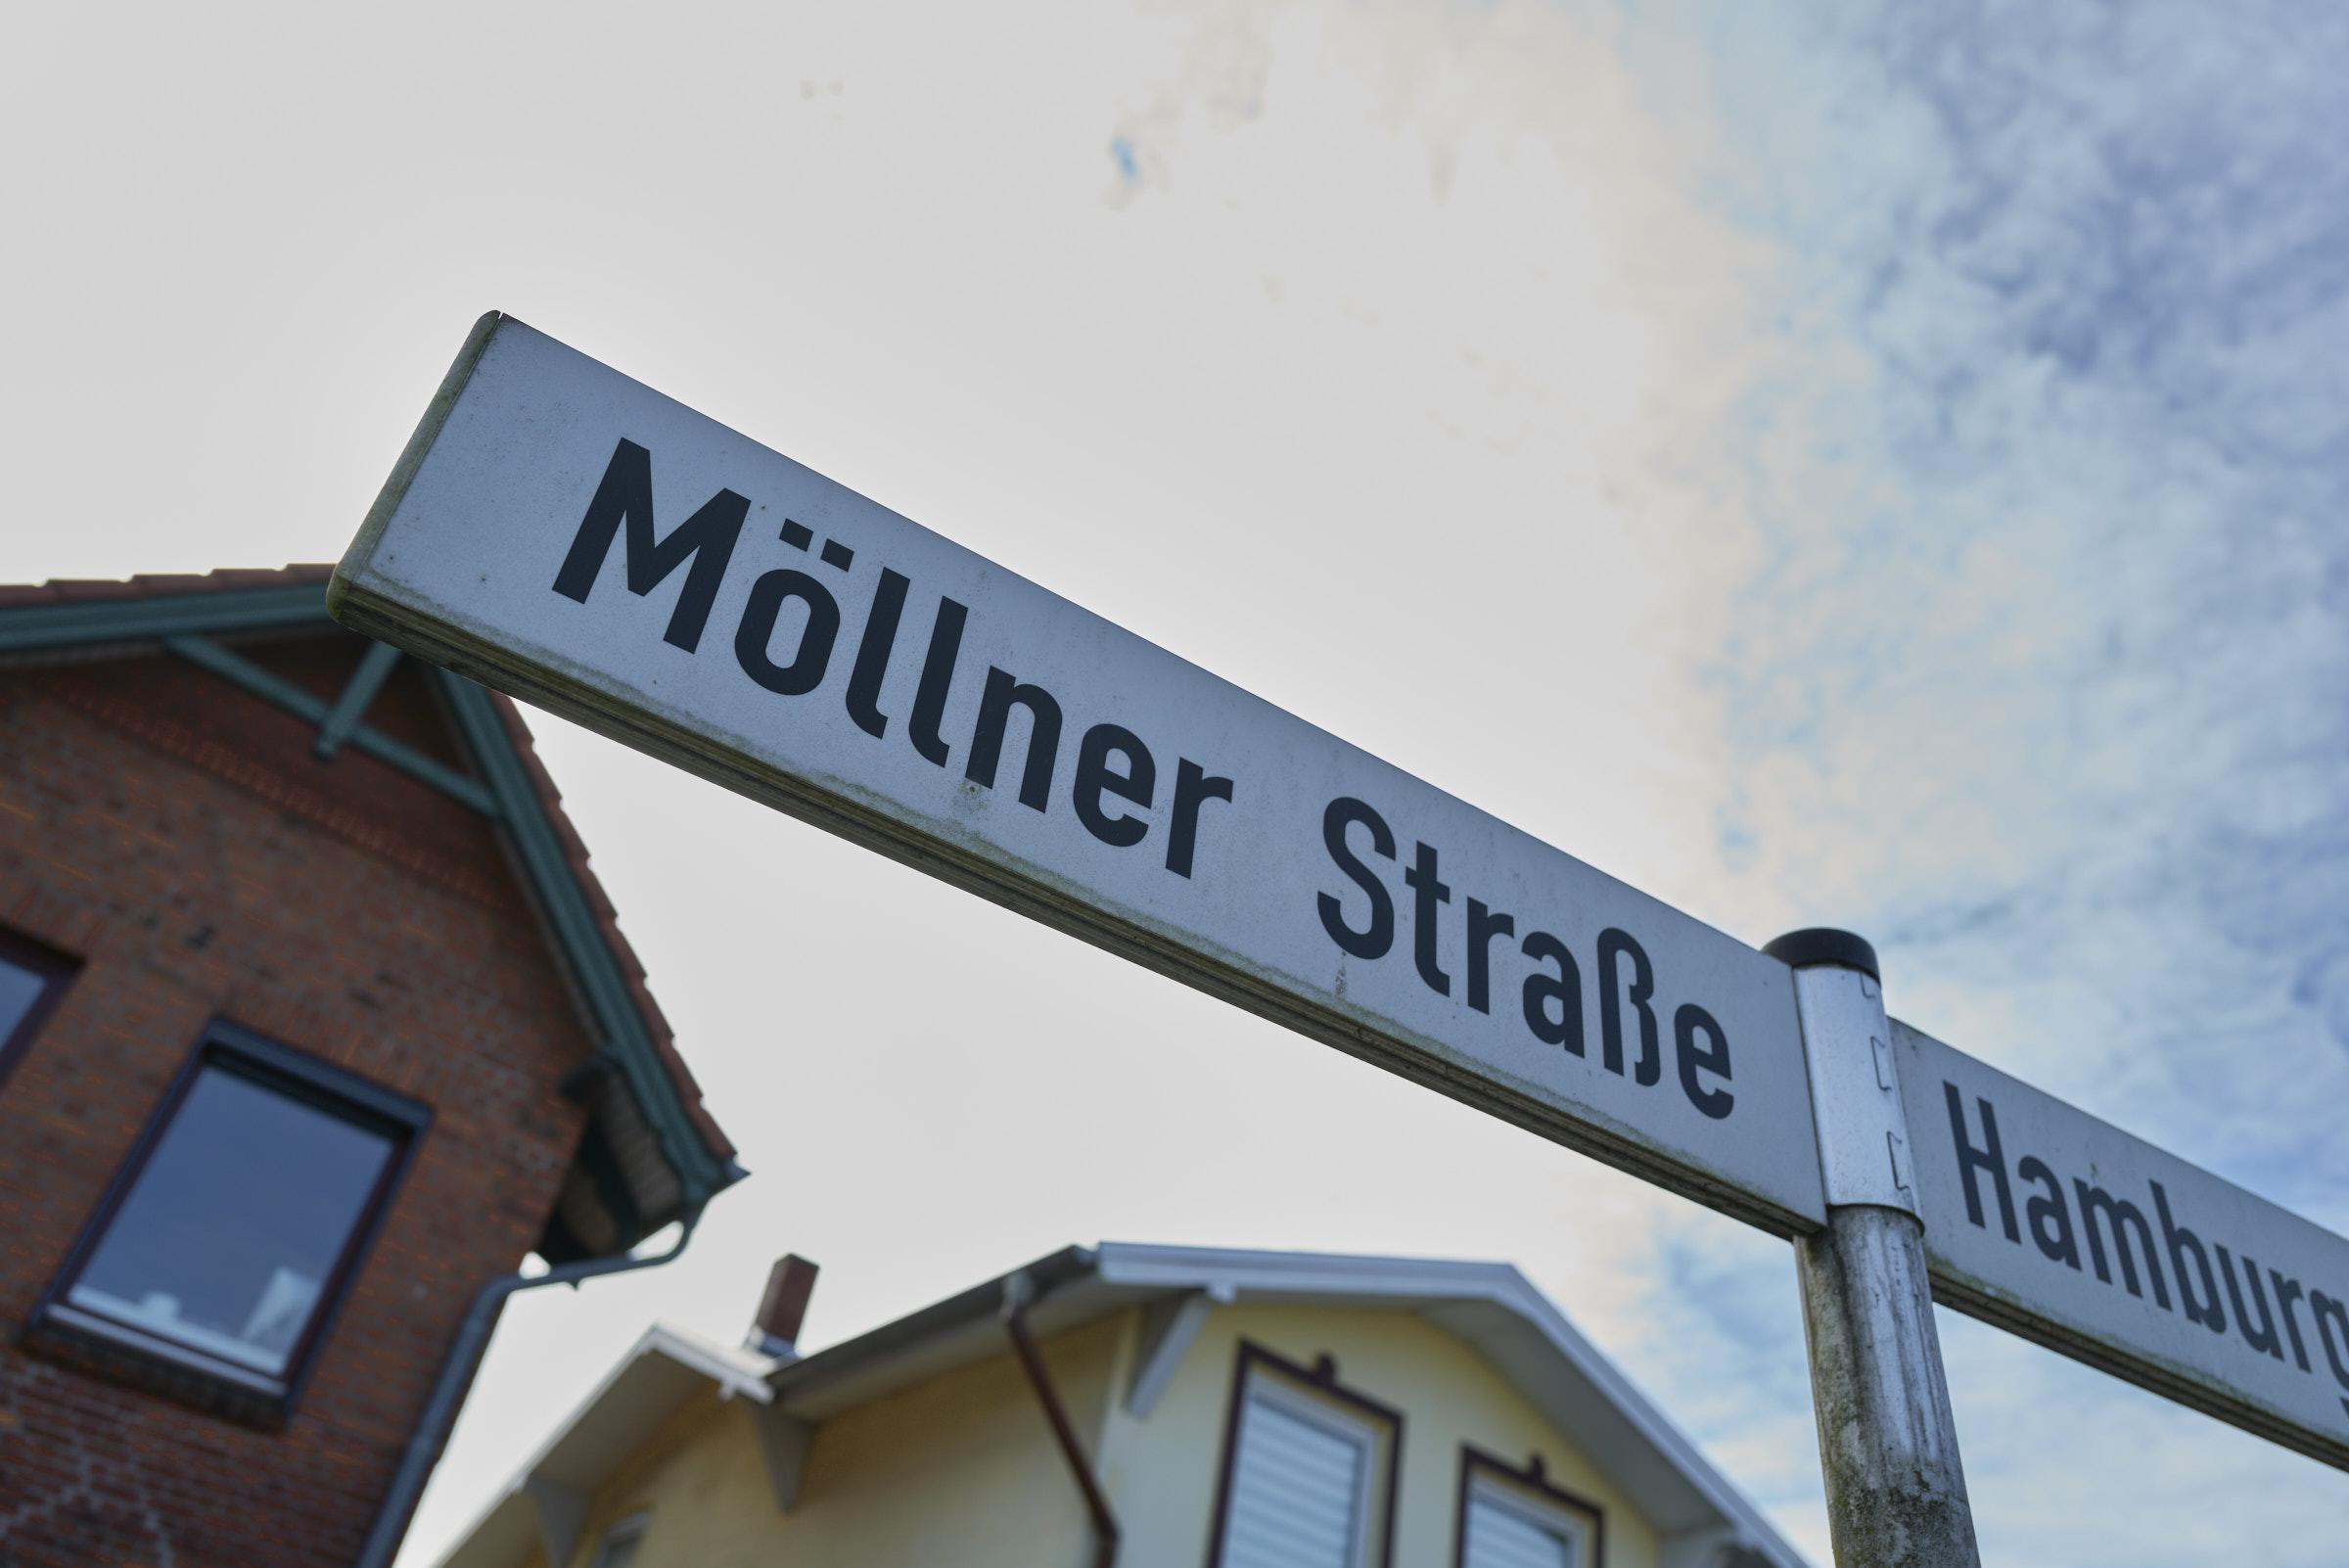 MoellnerStr_2